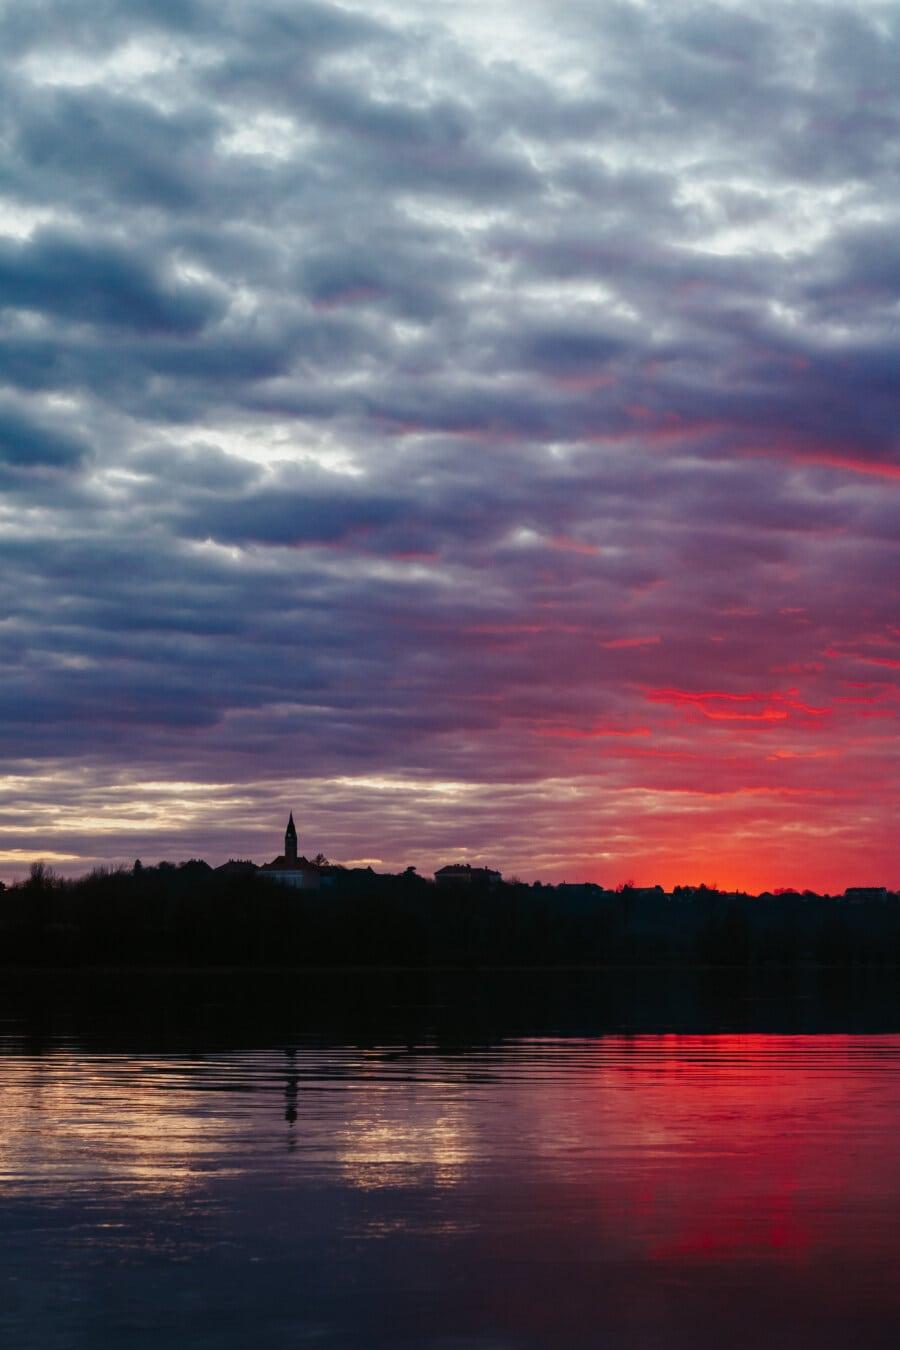 soumrak, východ slunce, řeka, majestátní, atmosféra, krajina, voda, západ slunce, reflexe, slunce